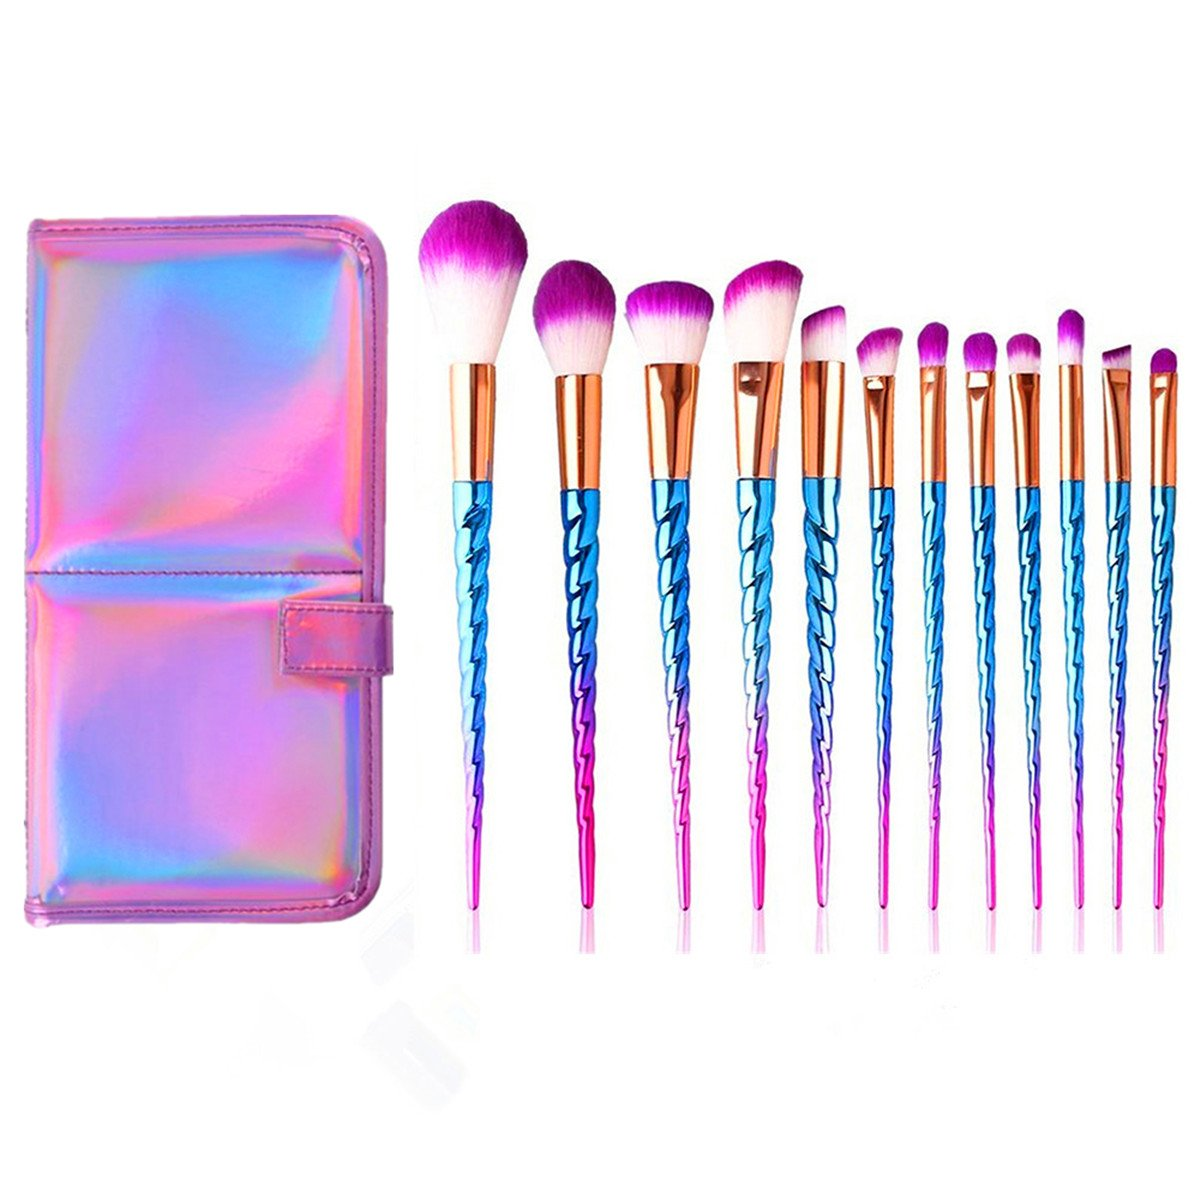 Xixiw Unicorn Makeup Brushes Set Make Up Brush Foundation ...